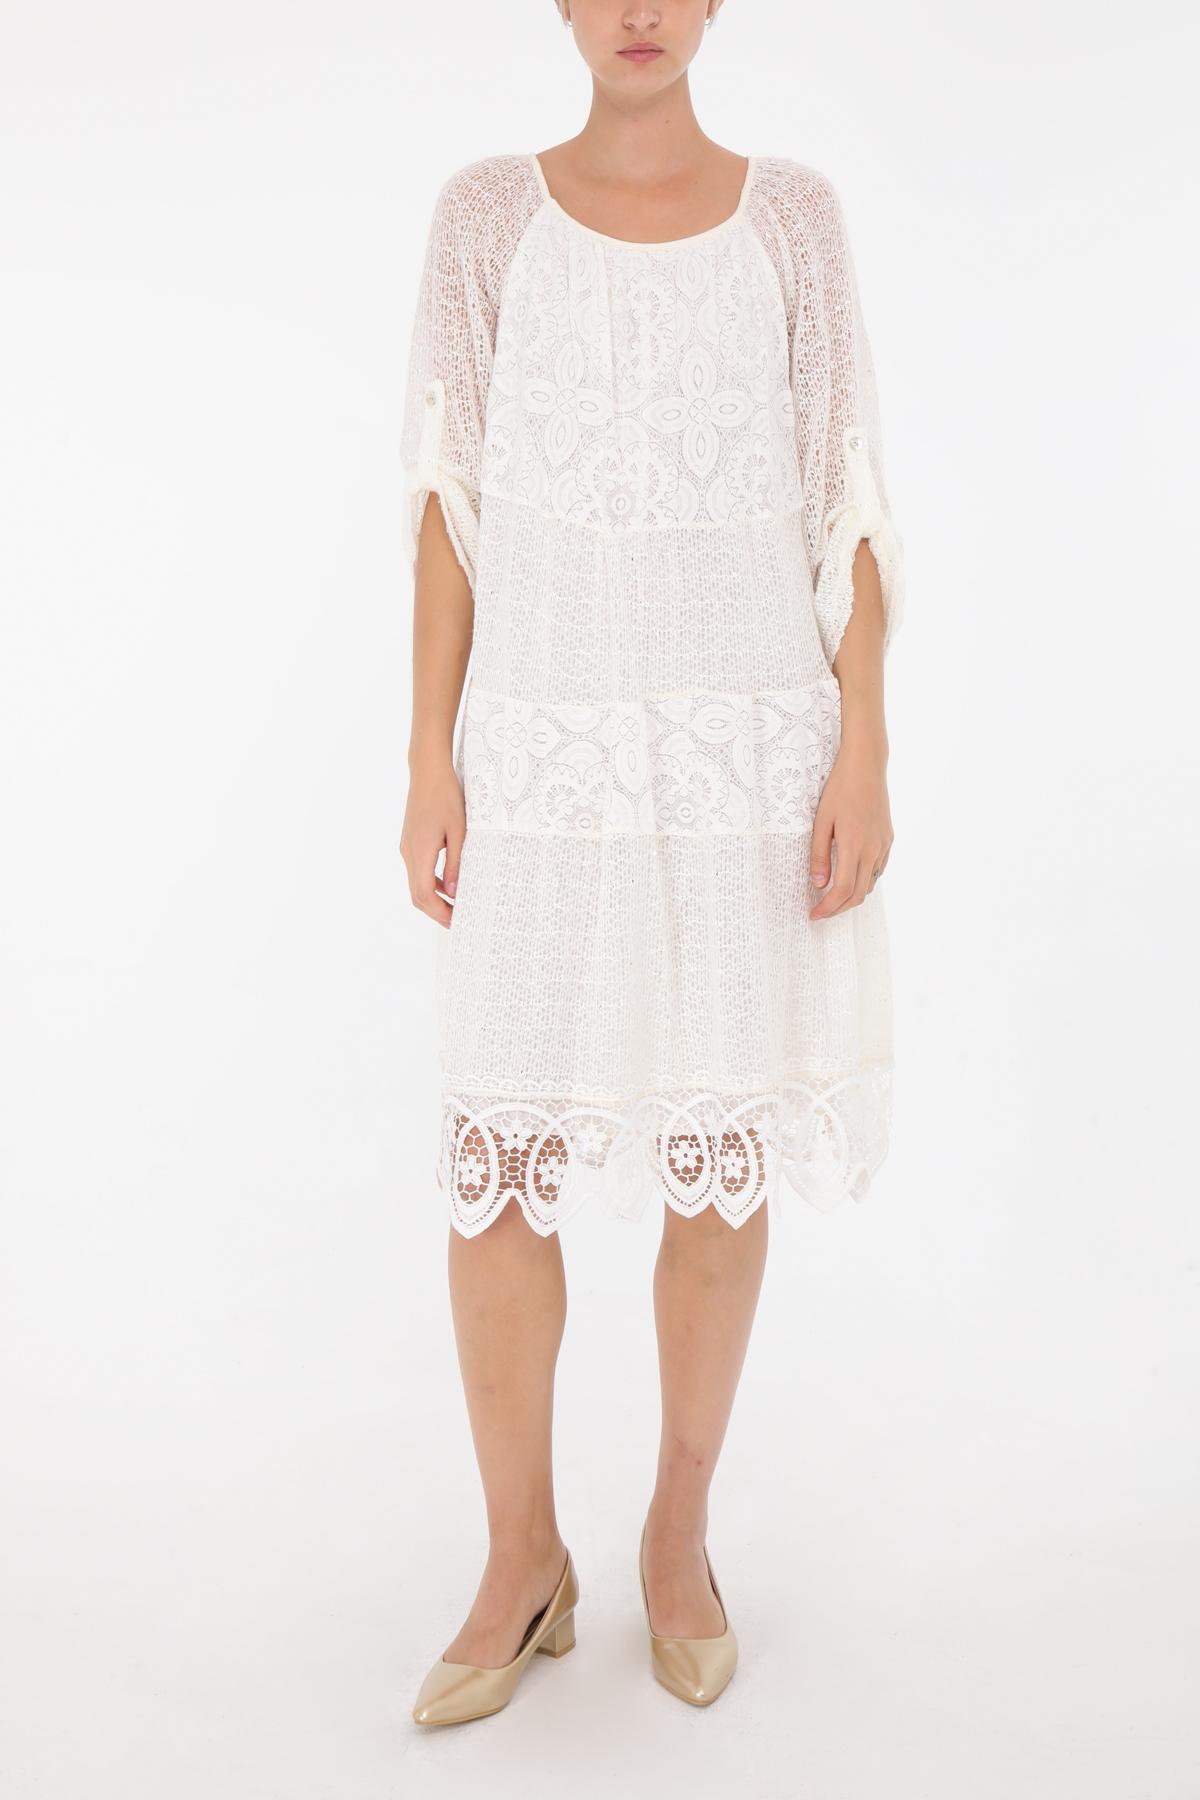 Robes mi-longues Femme Ecru 3D TRADE 6408 #c eFashion Paris